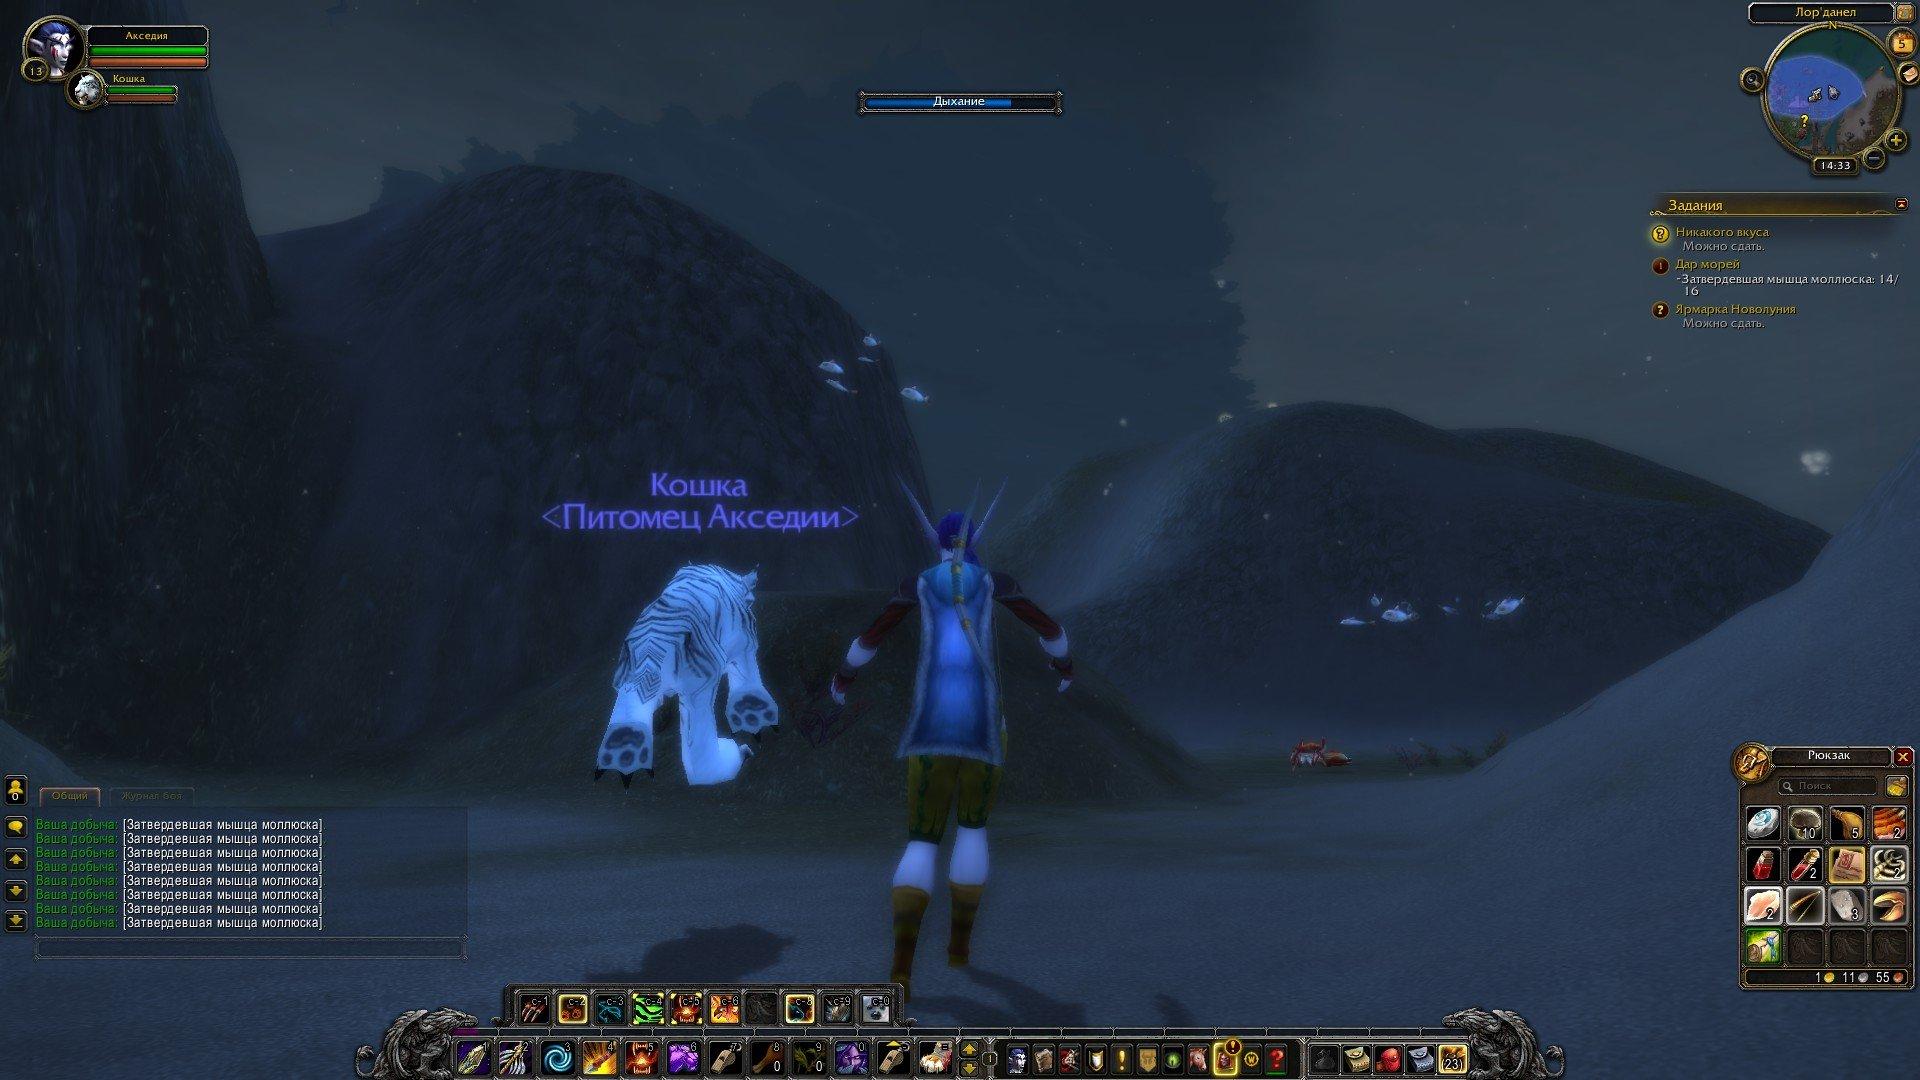 Путешествие по World of Warcraft ... Ночной Эльф. Глава 1 - Изображение 21